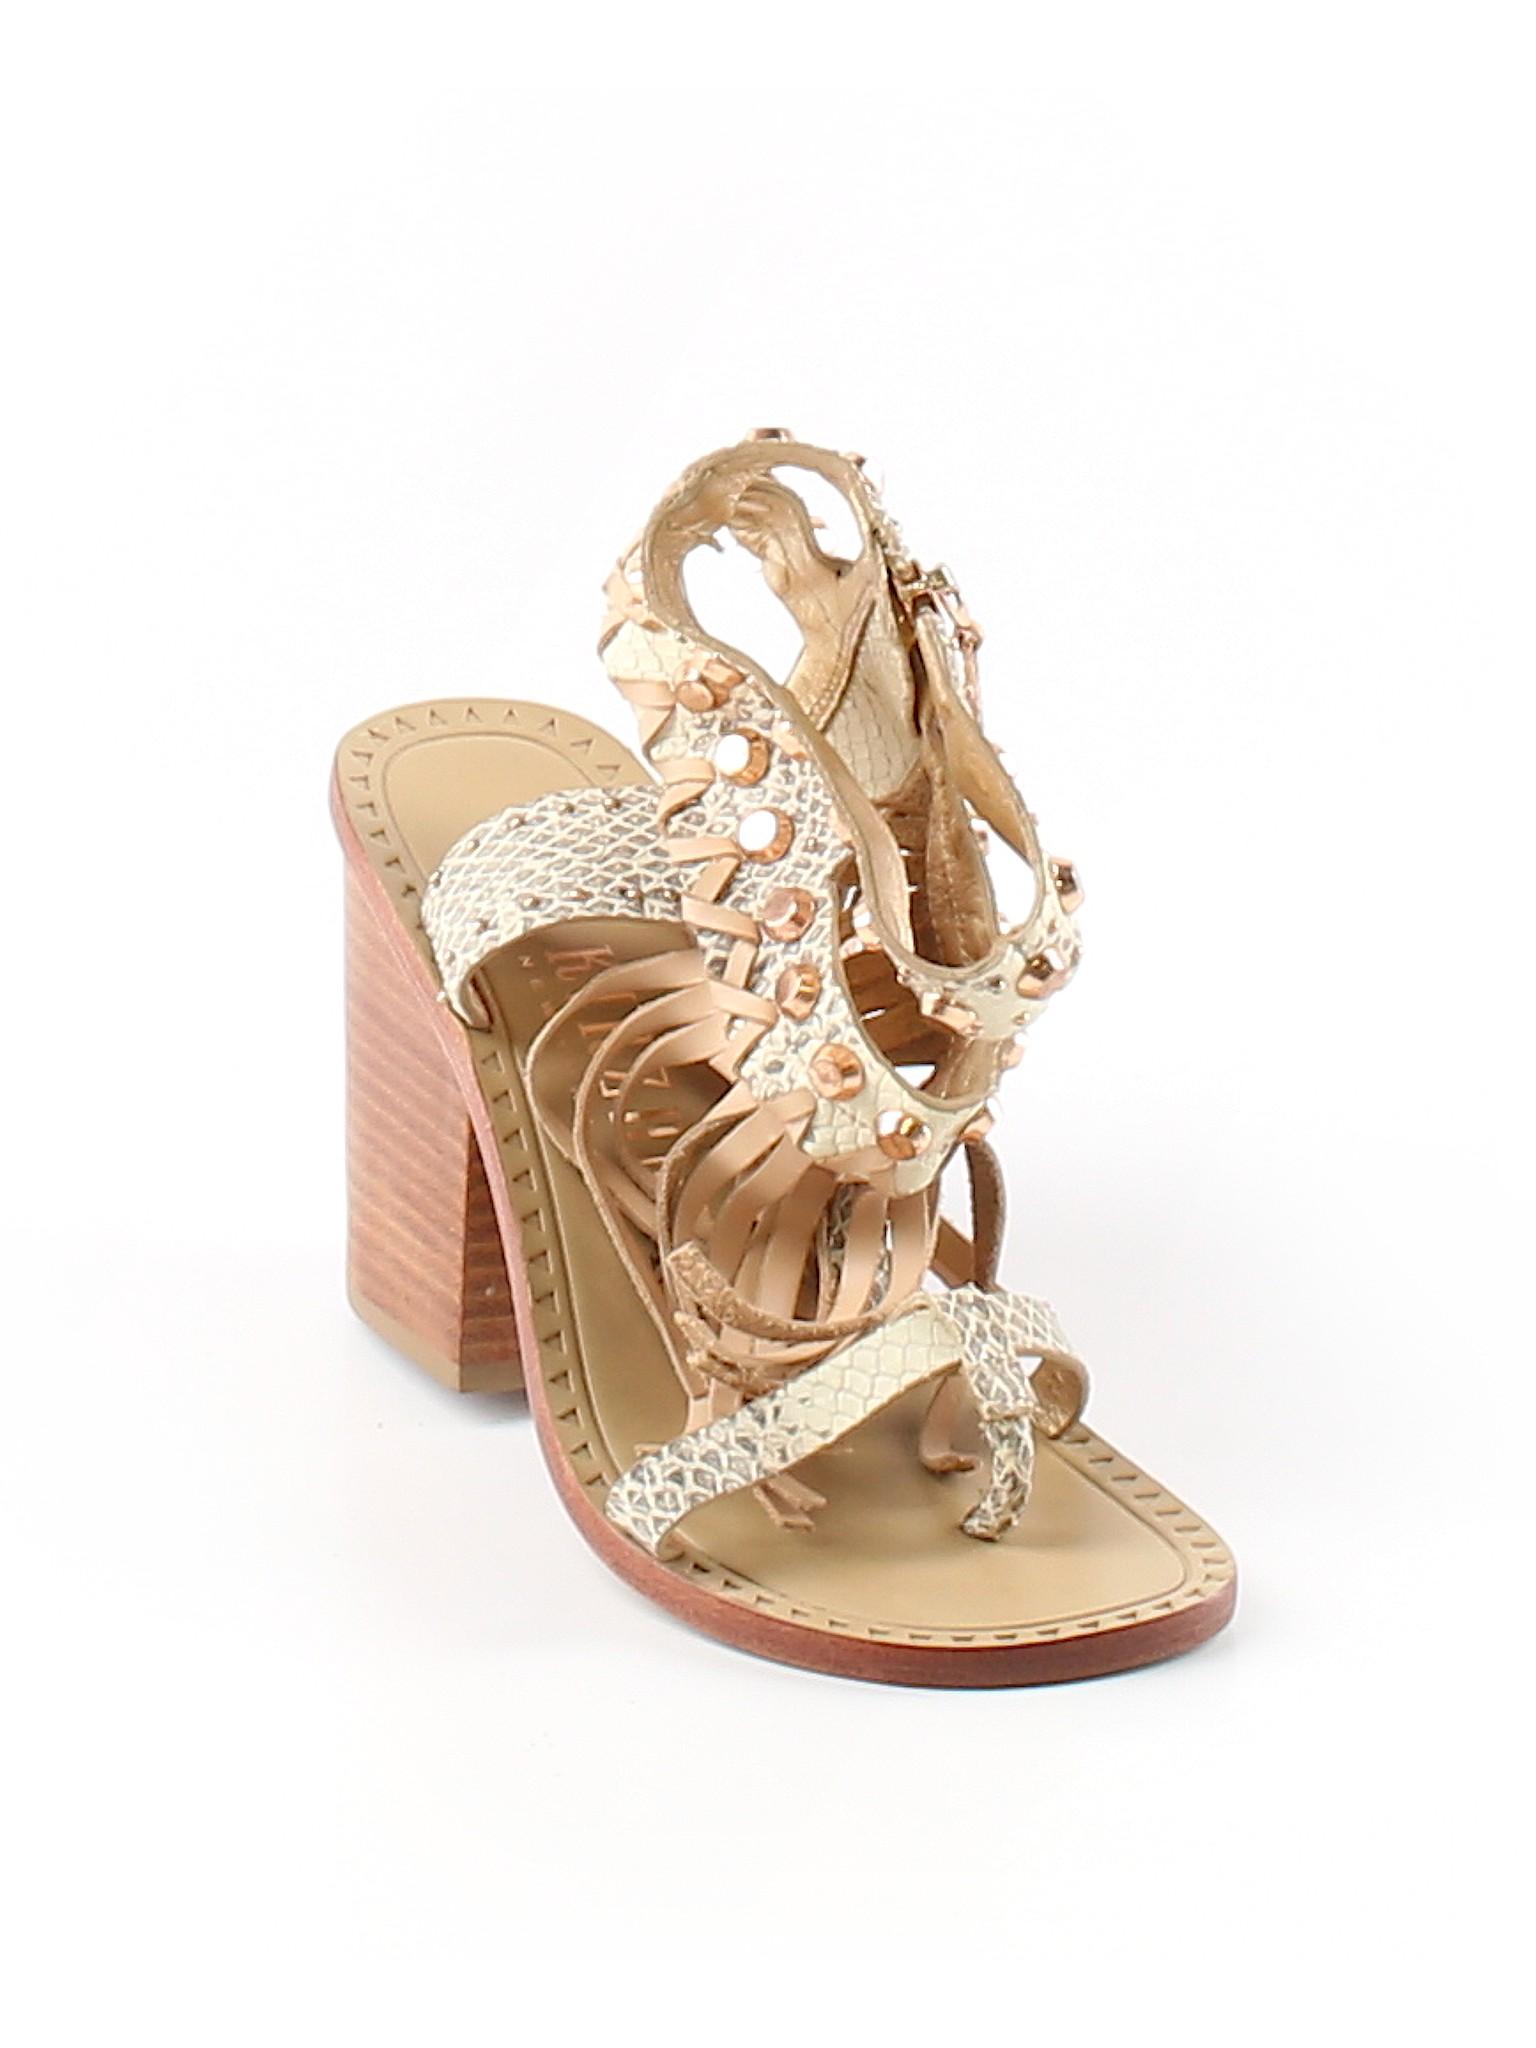 Boutique Boutique promotion Kirzhner Boutique promotion Kirzhner Ivy Heels Heels Ivy Oq5T1